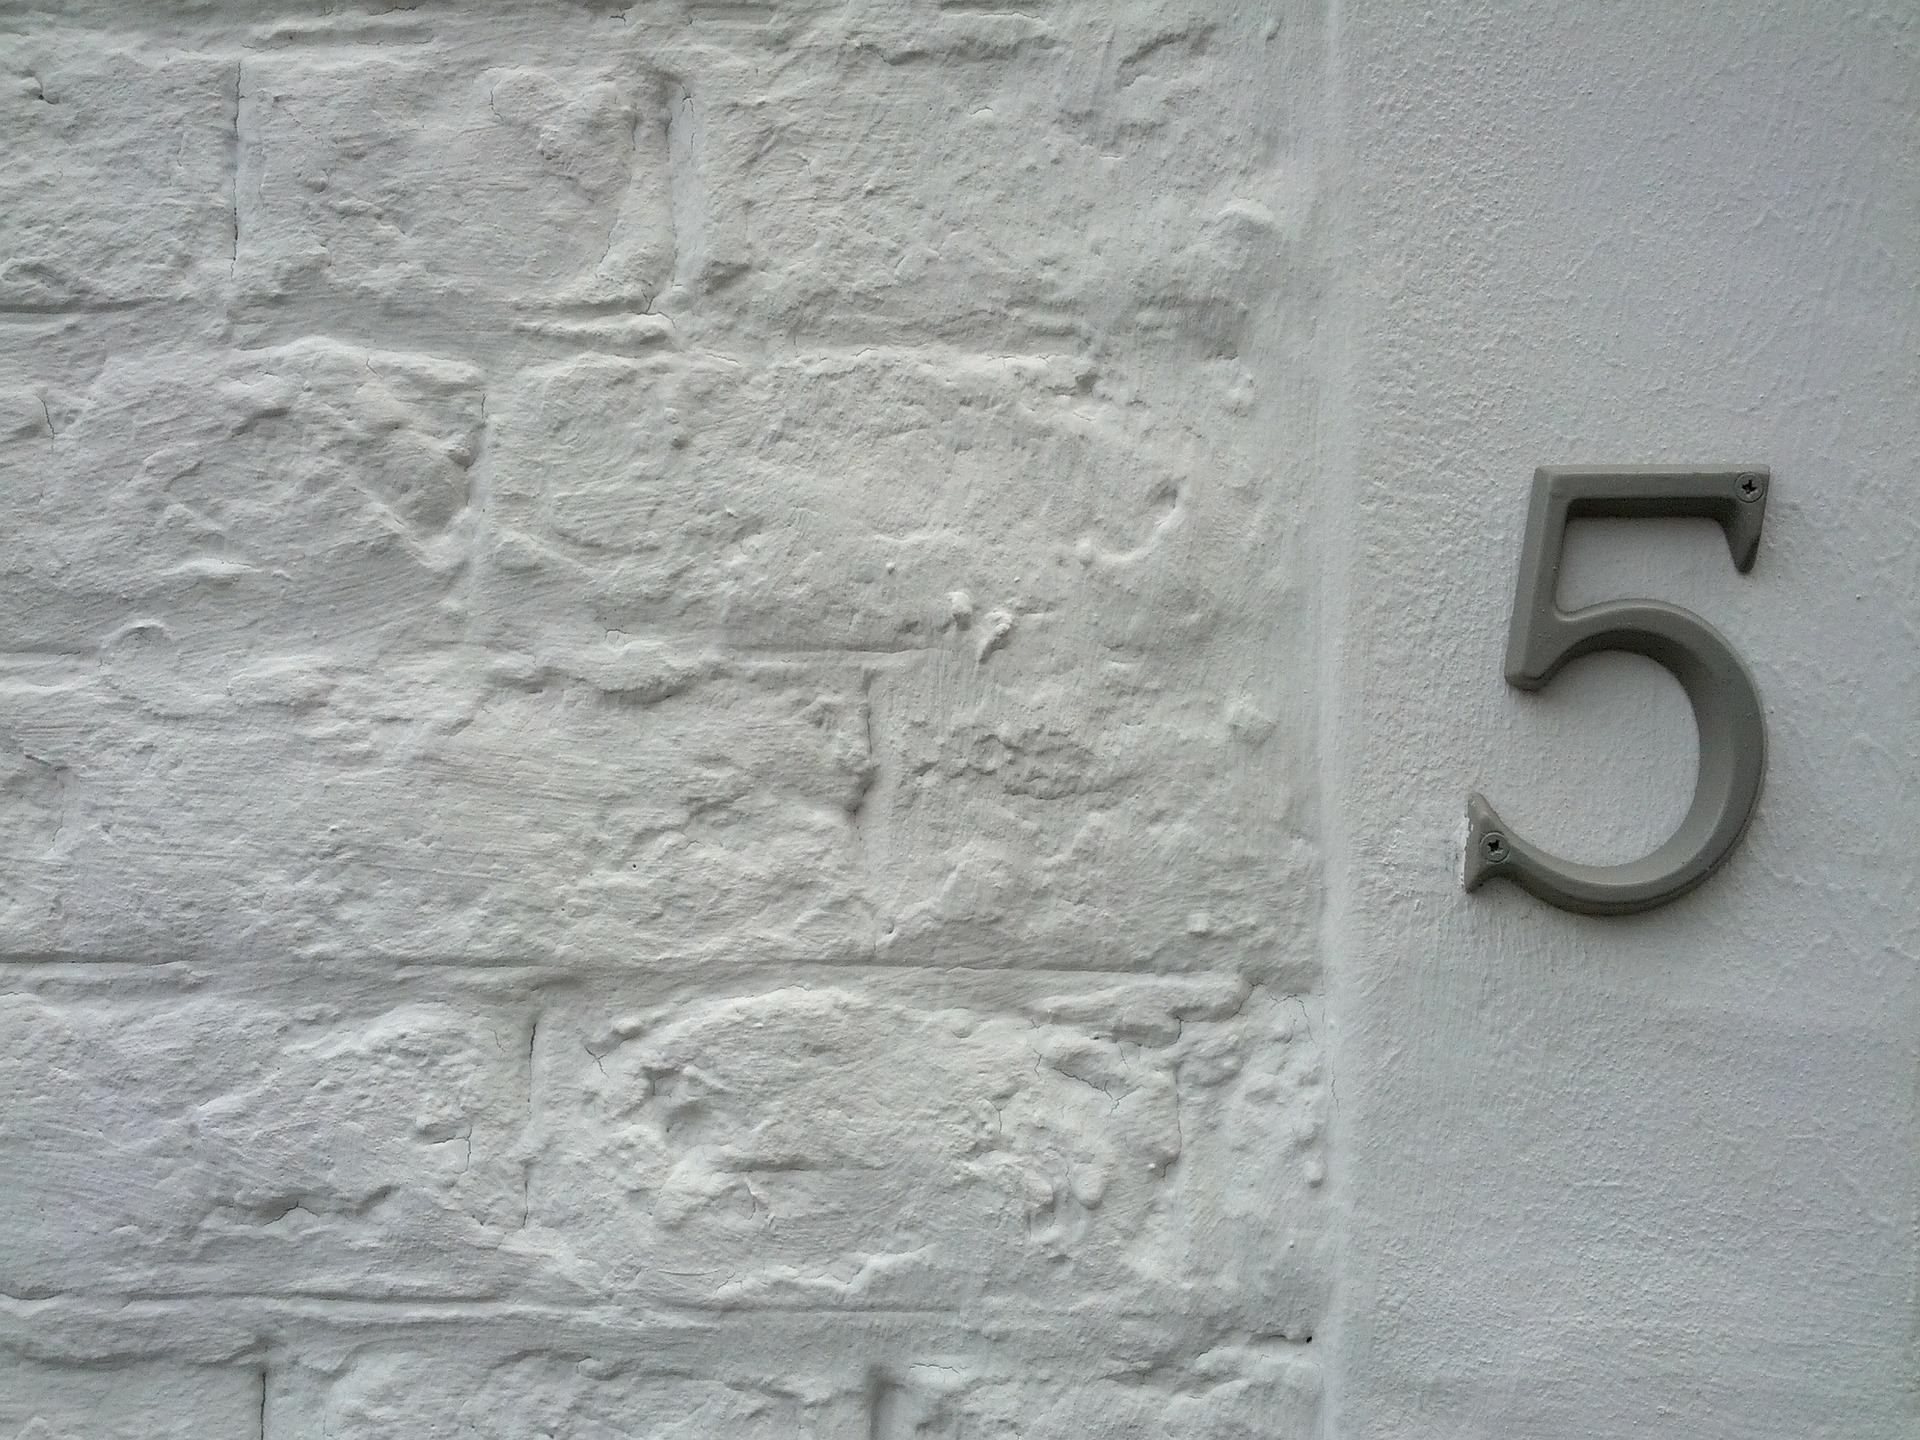 数字5の写真 Number Five